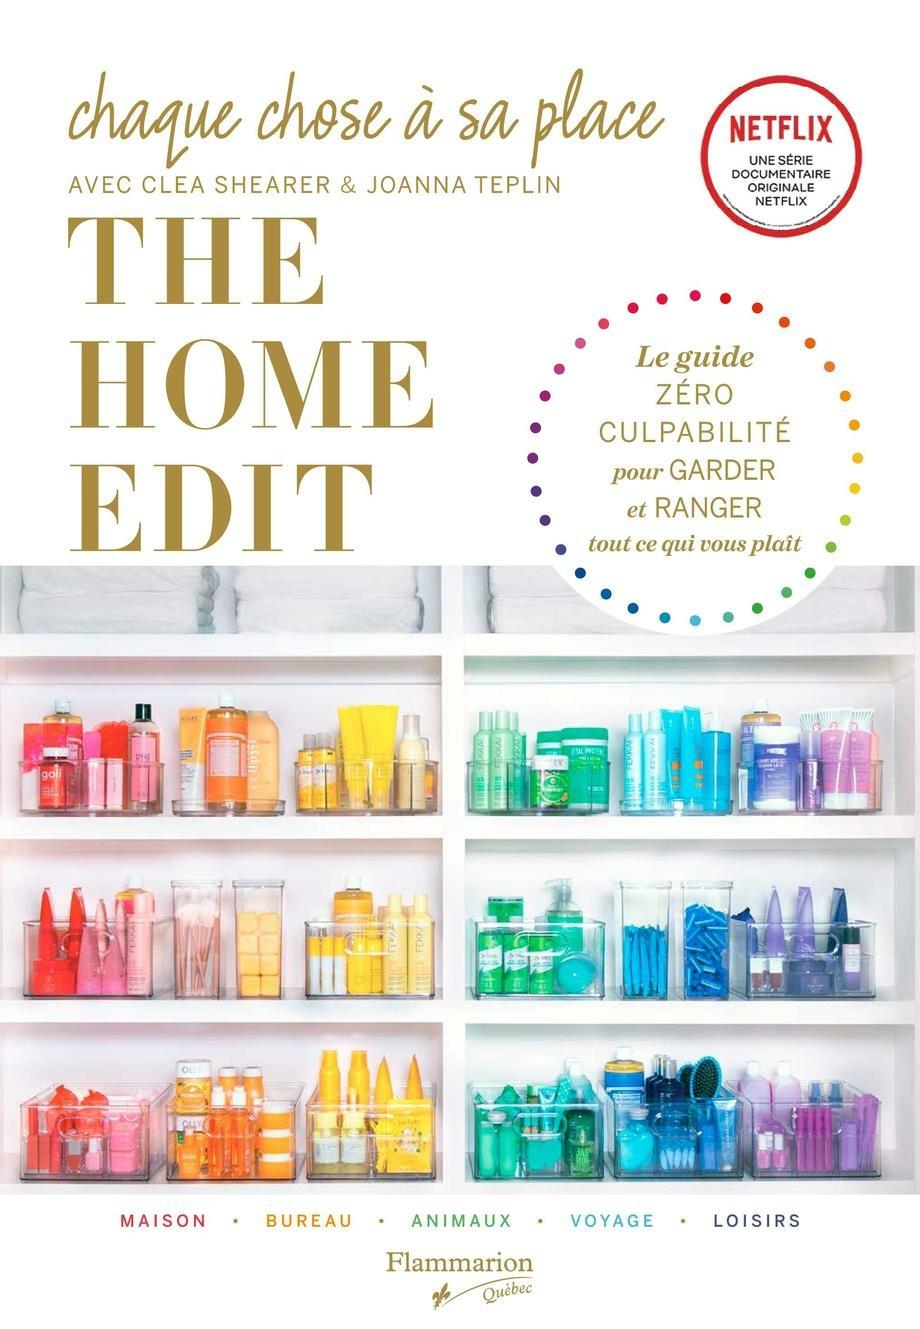 Chaque chose à sa place: The Home Edit